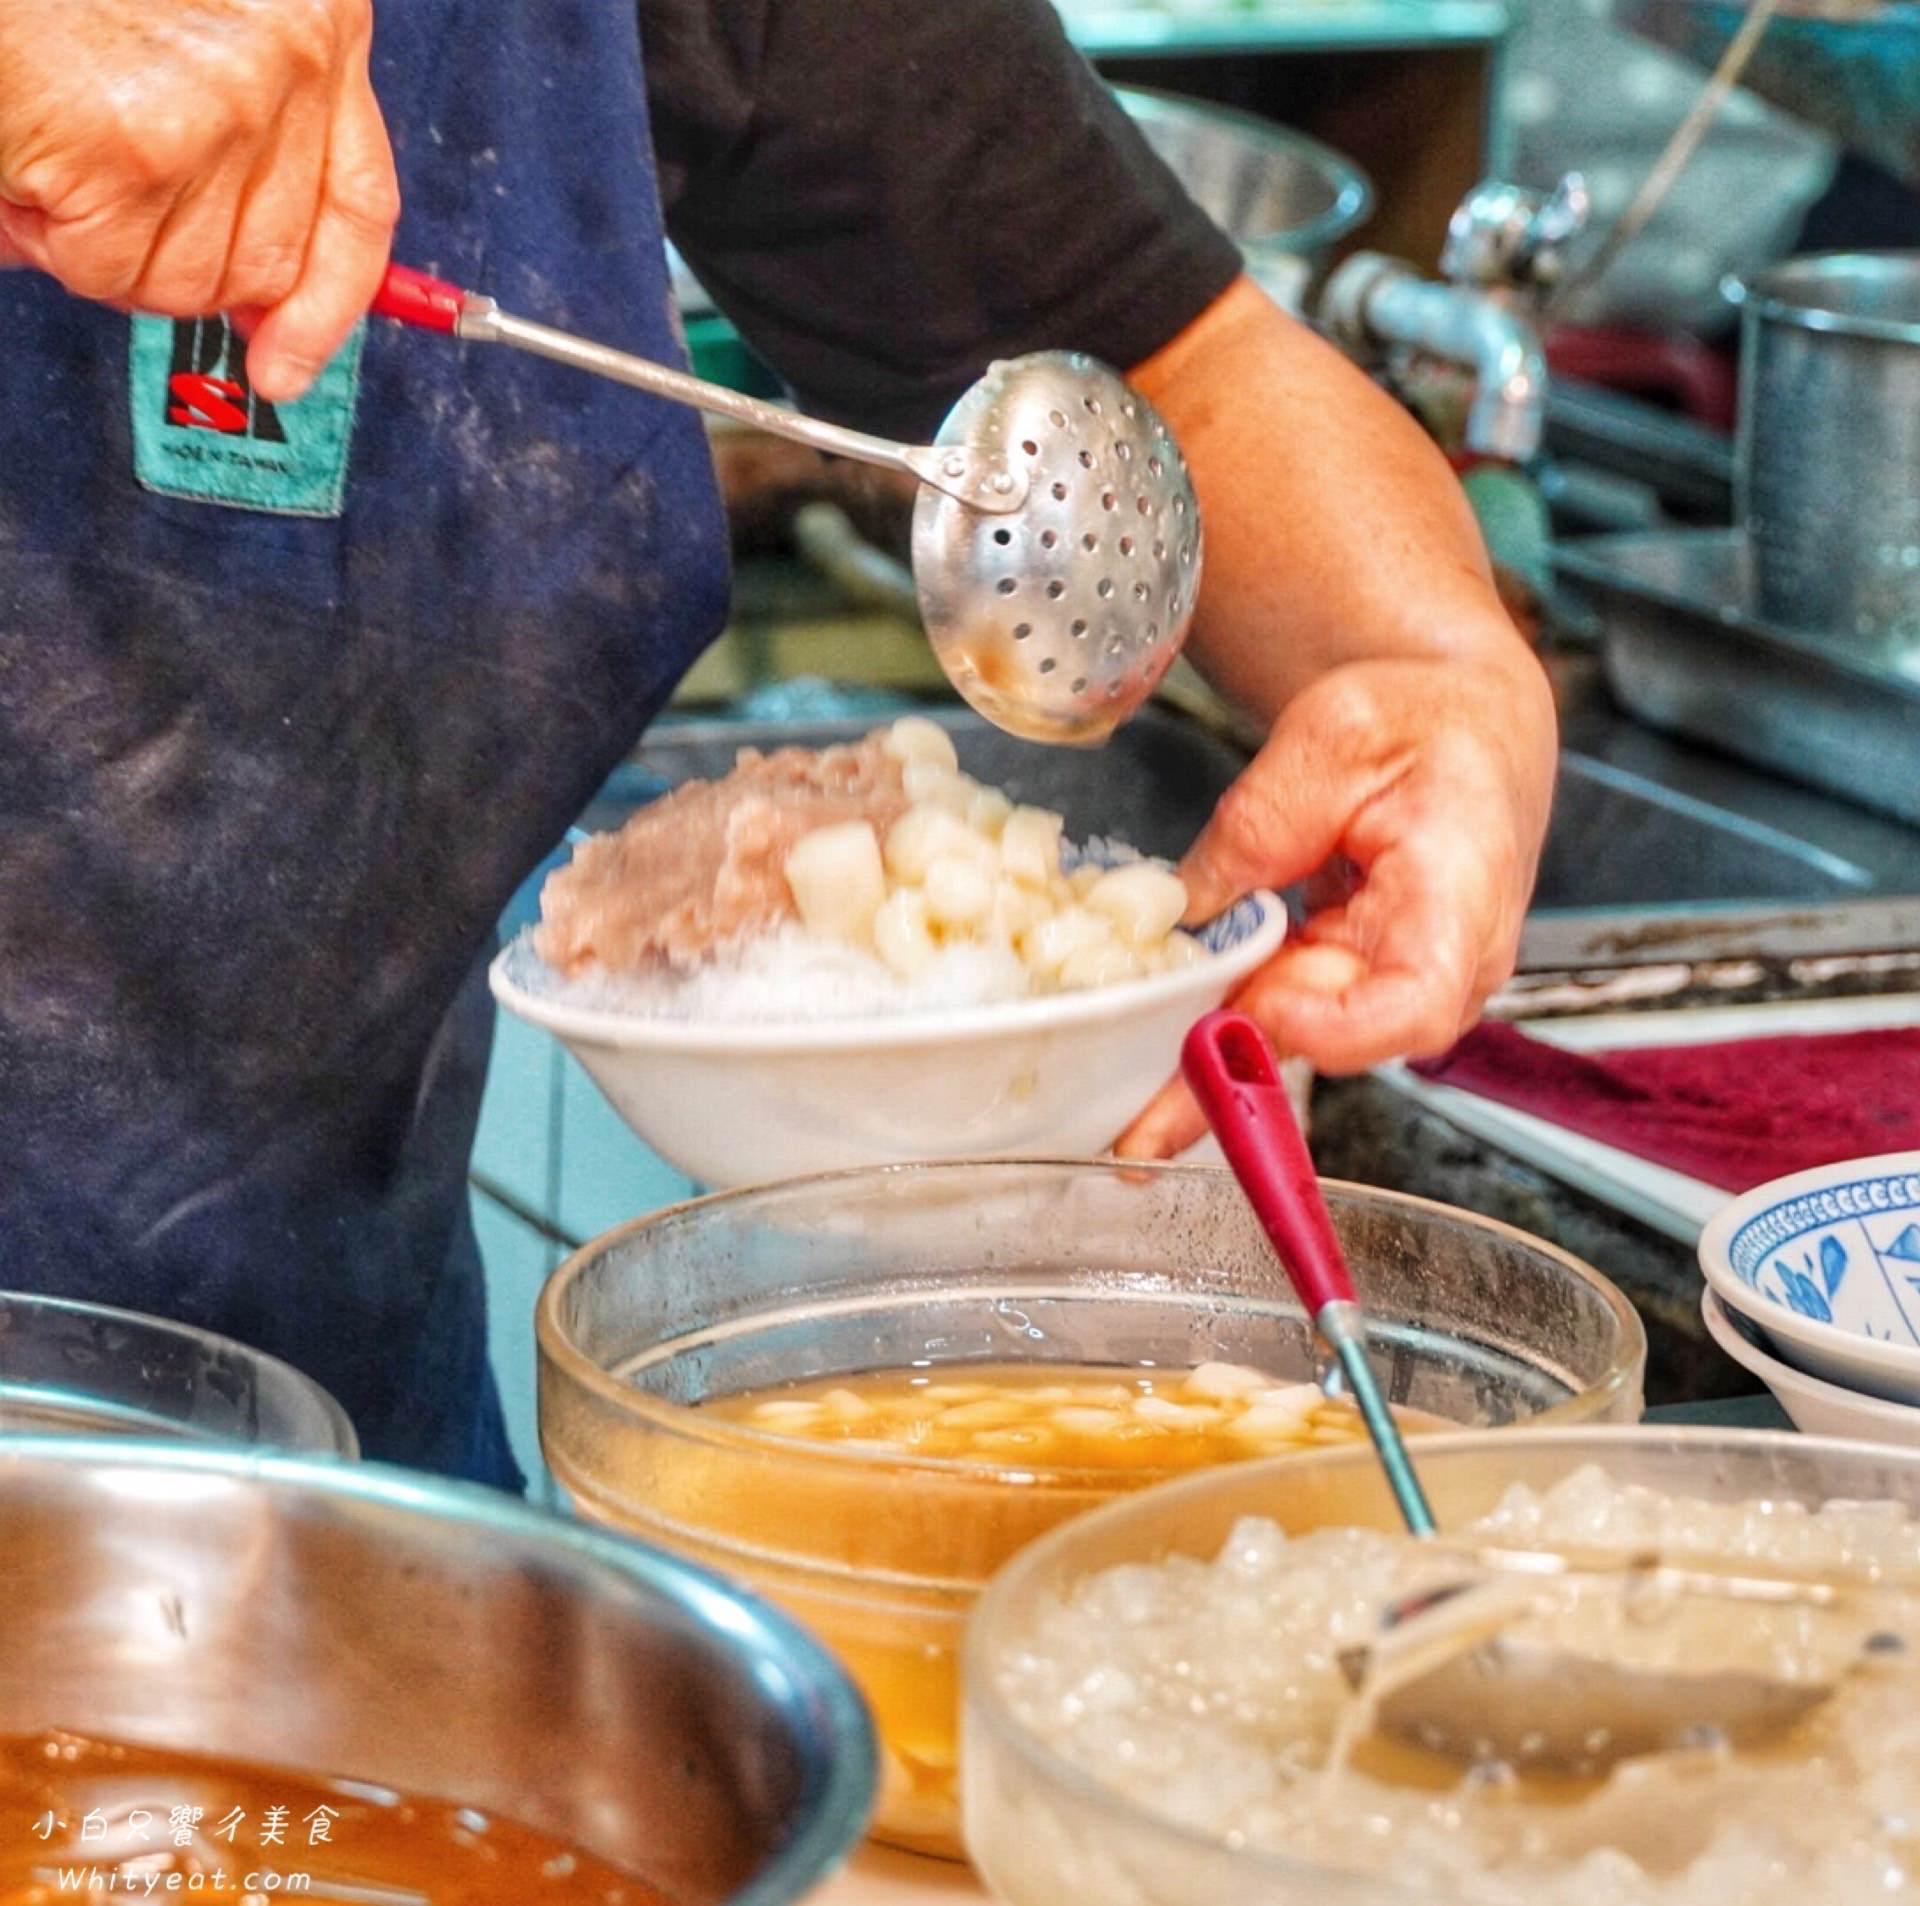 【臺南美食】超好吃芋泥湯圓冰就是這家!10種配料加好加滿一律50元,國華街必吃美食|近90年的古早味 ...